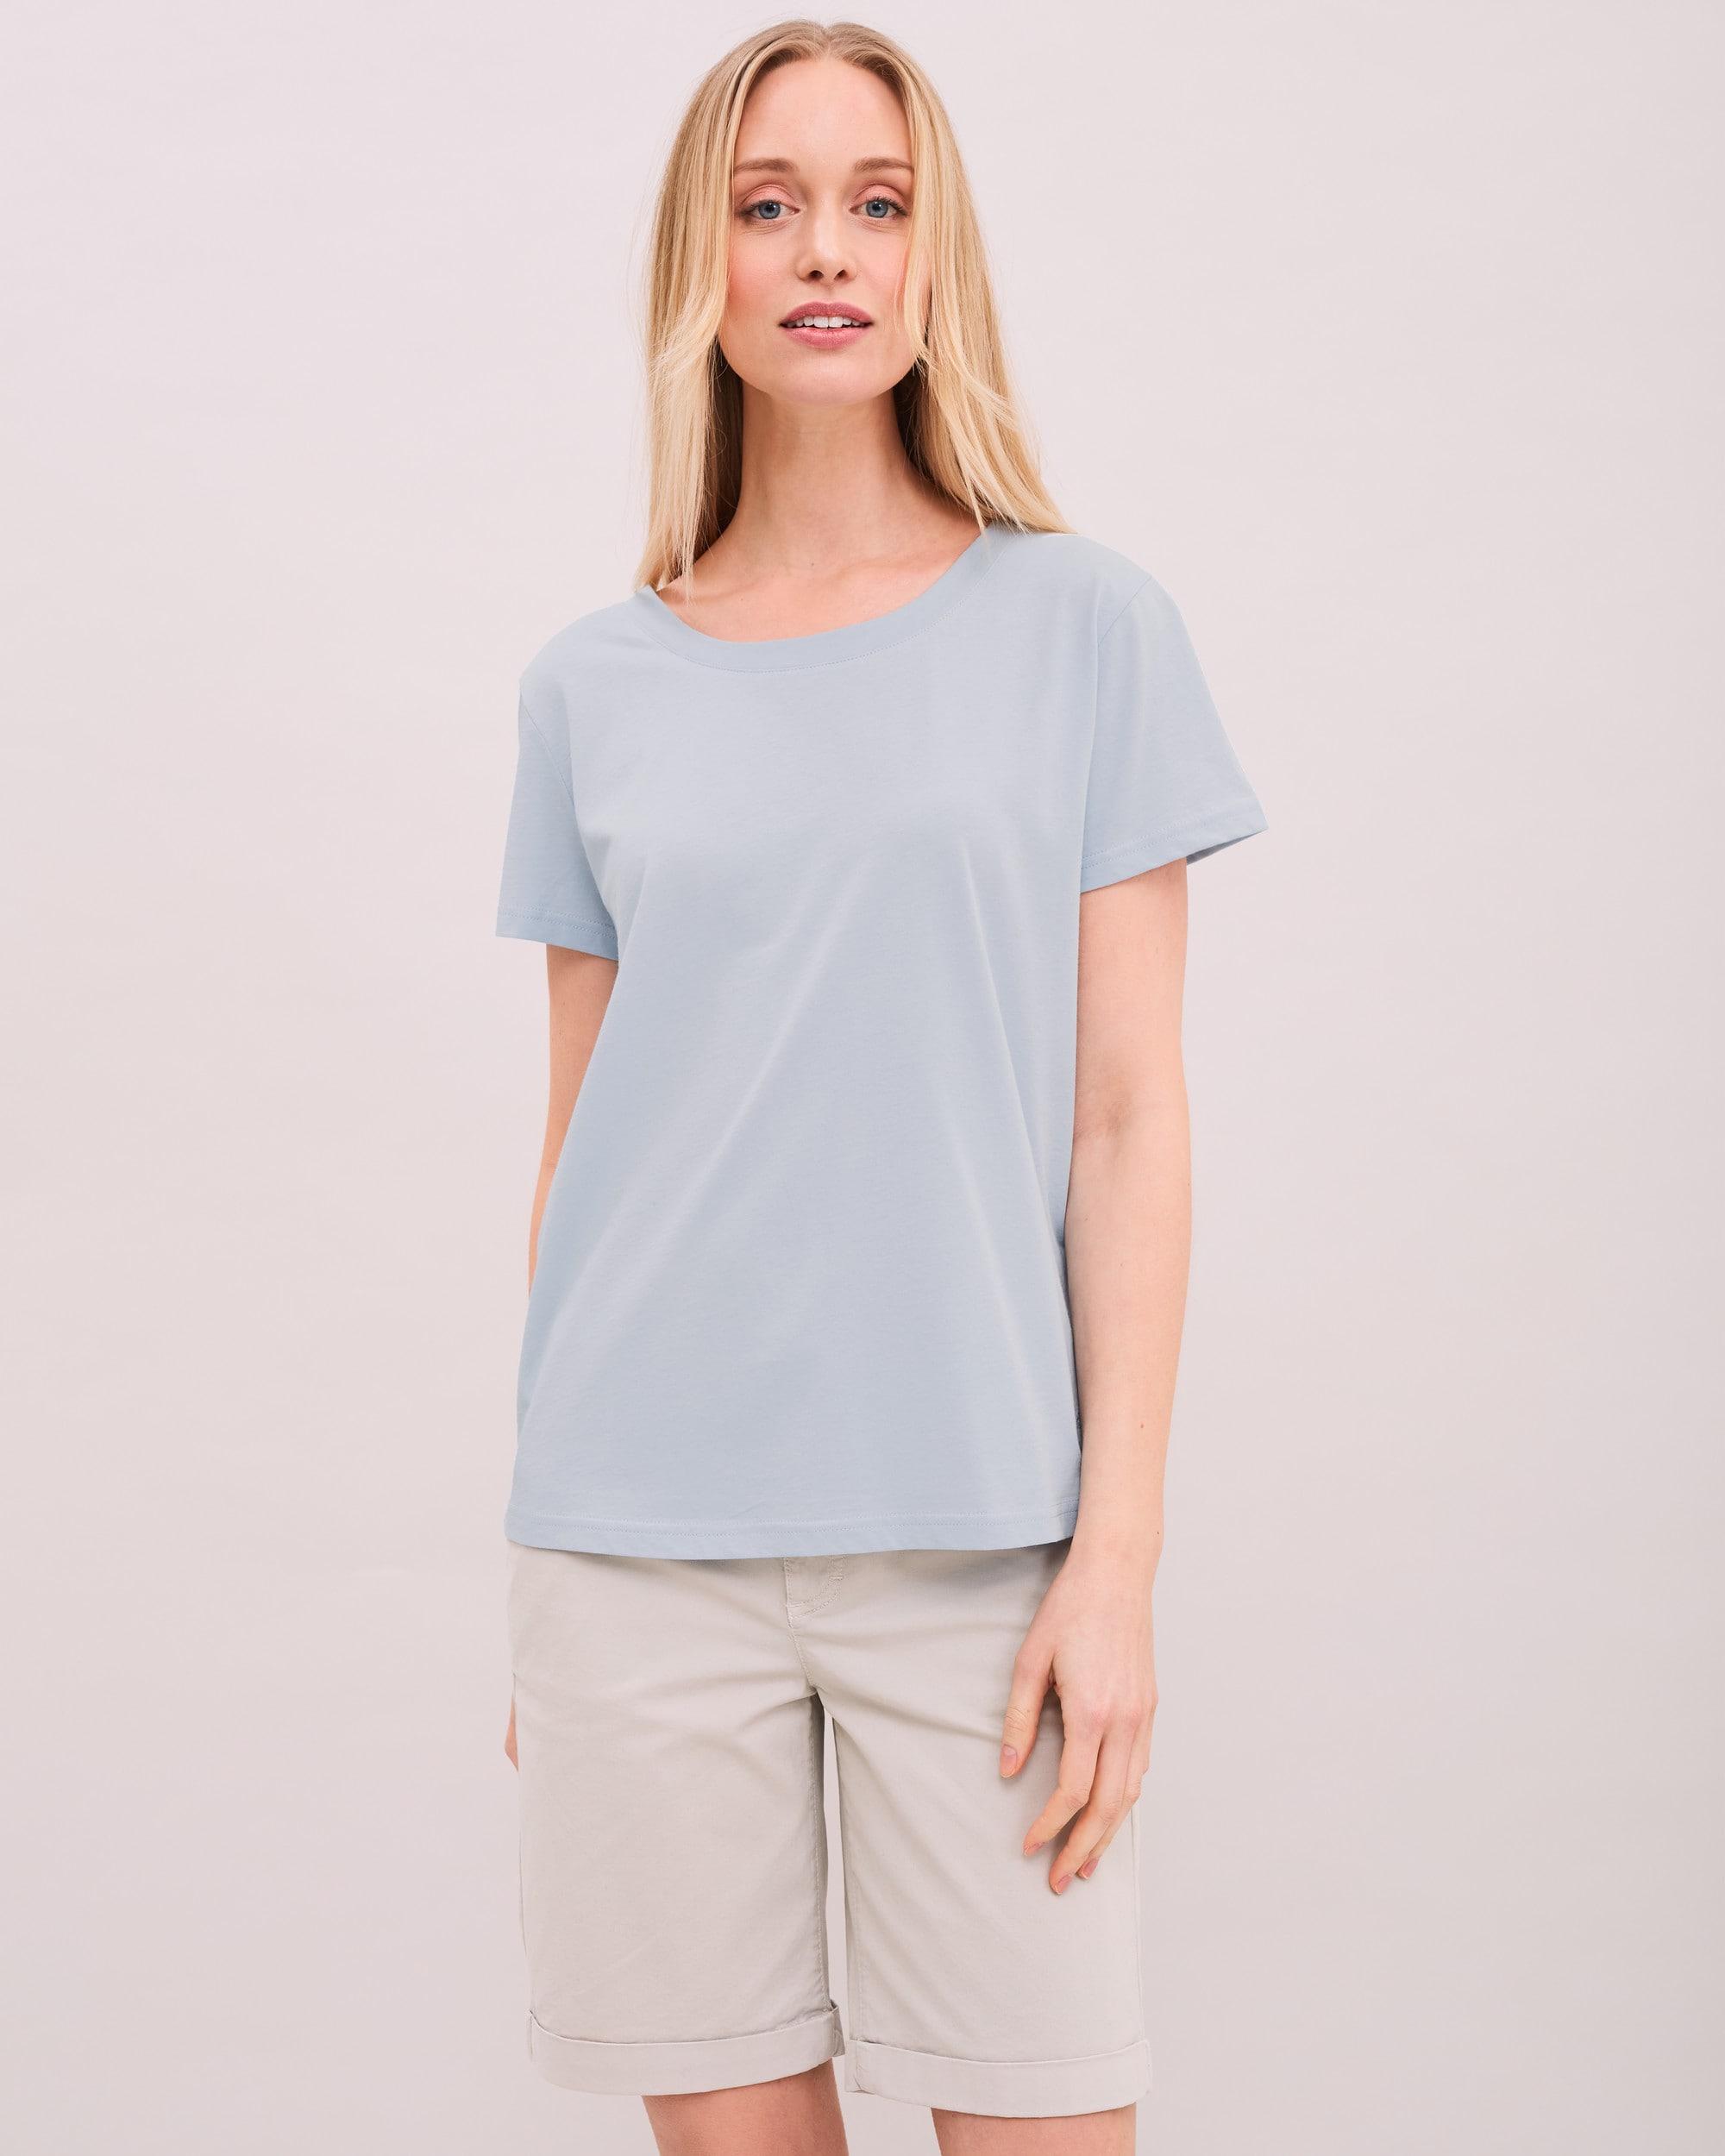 T-shirt Siri i bomull - Ljusblå